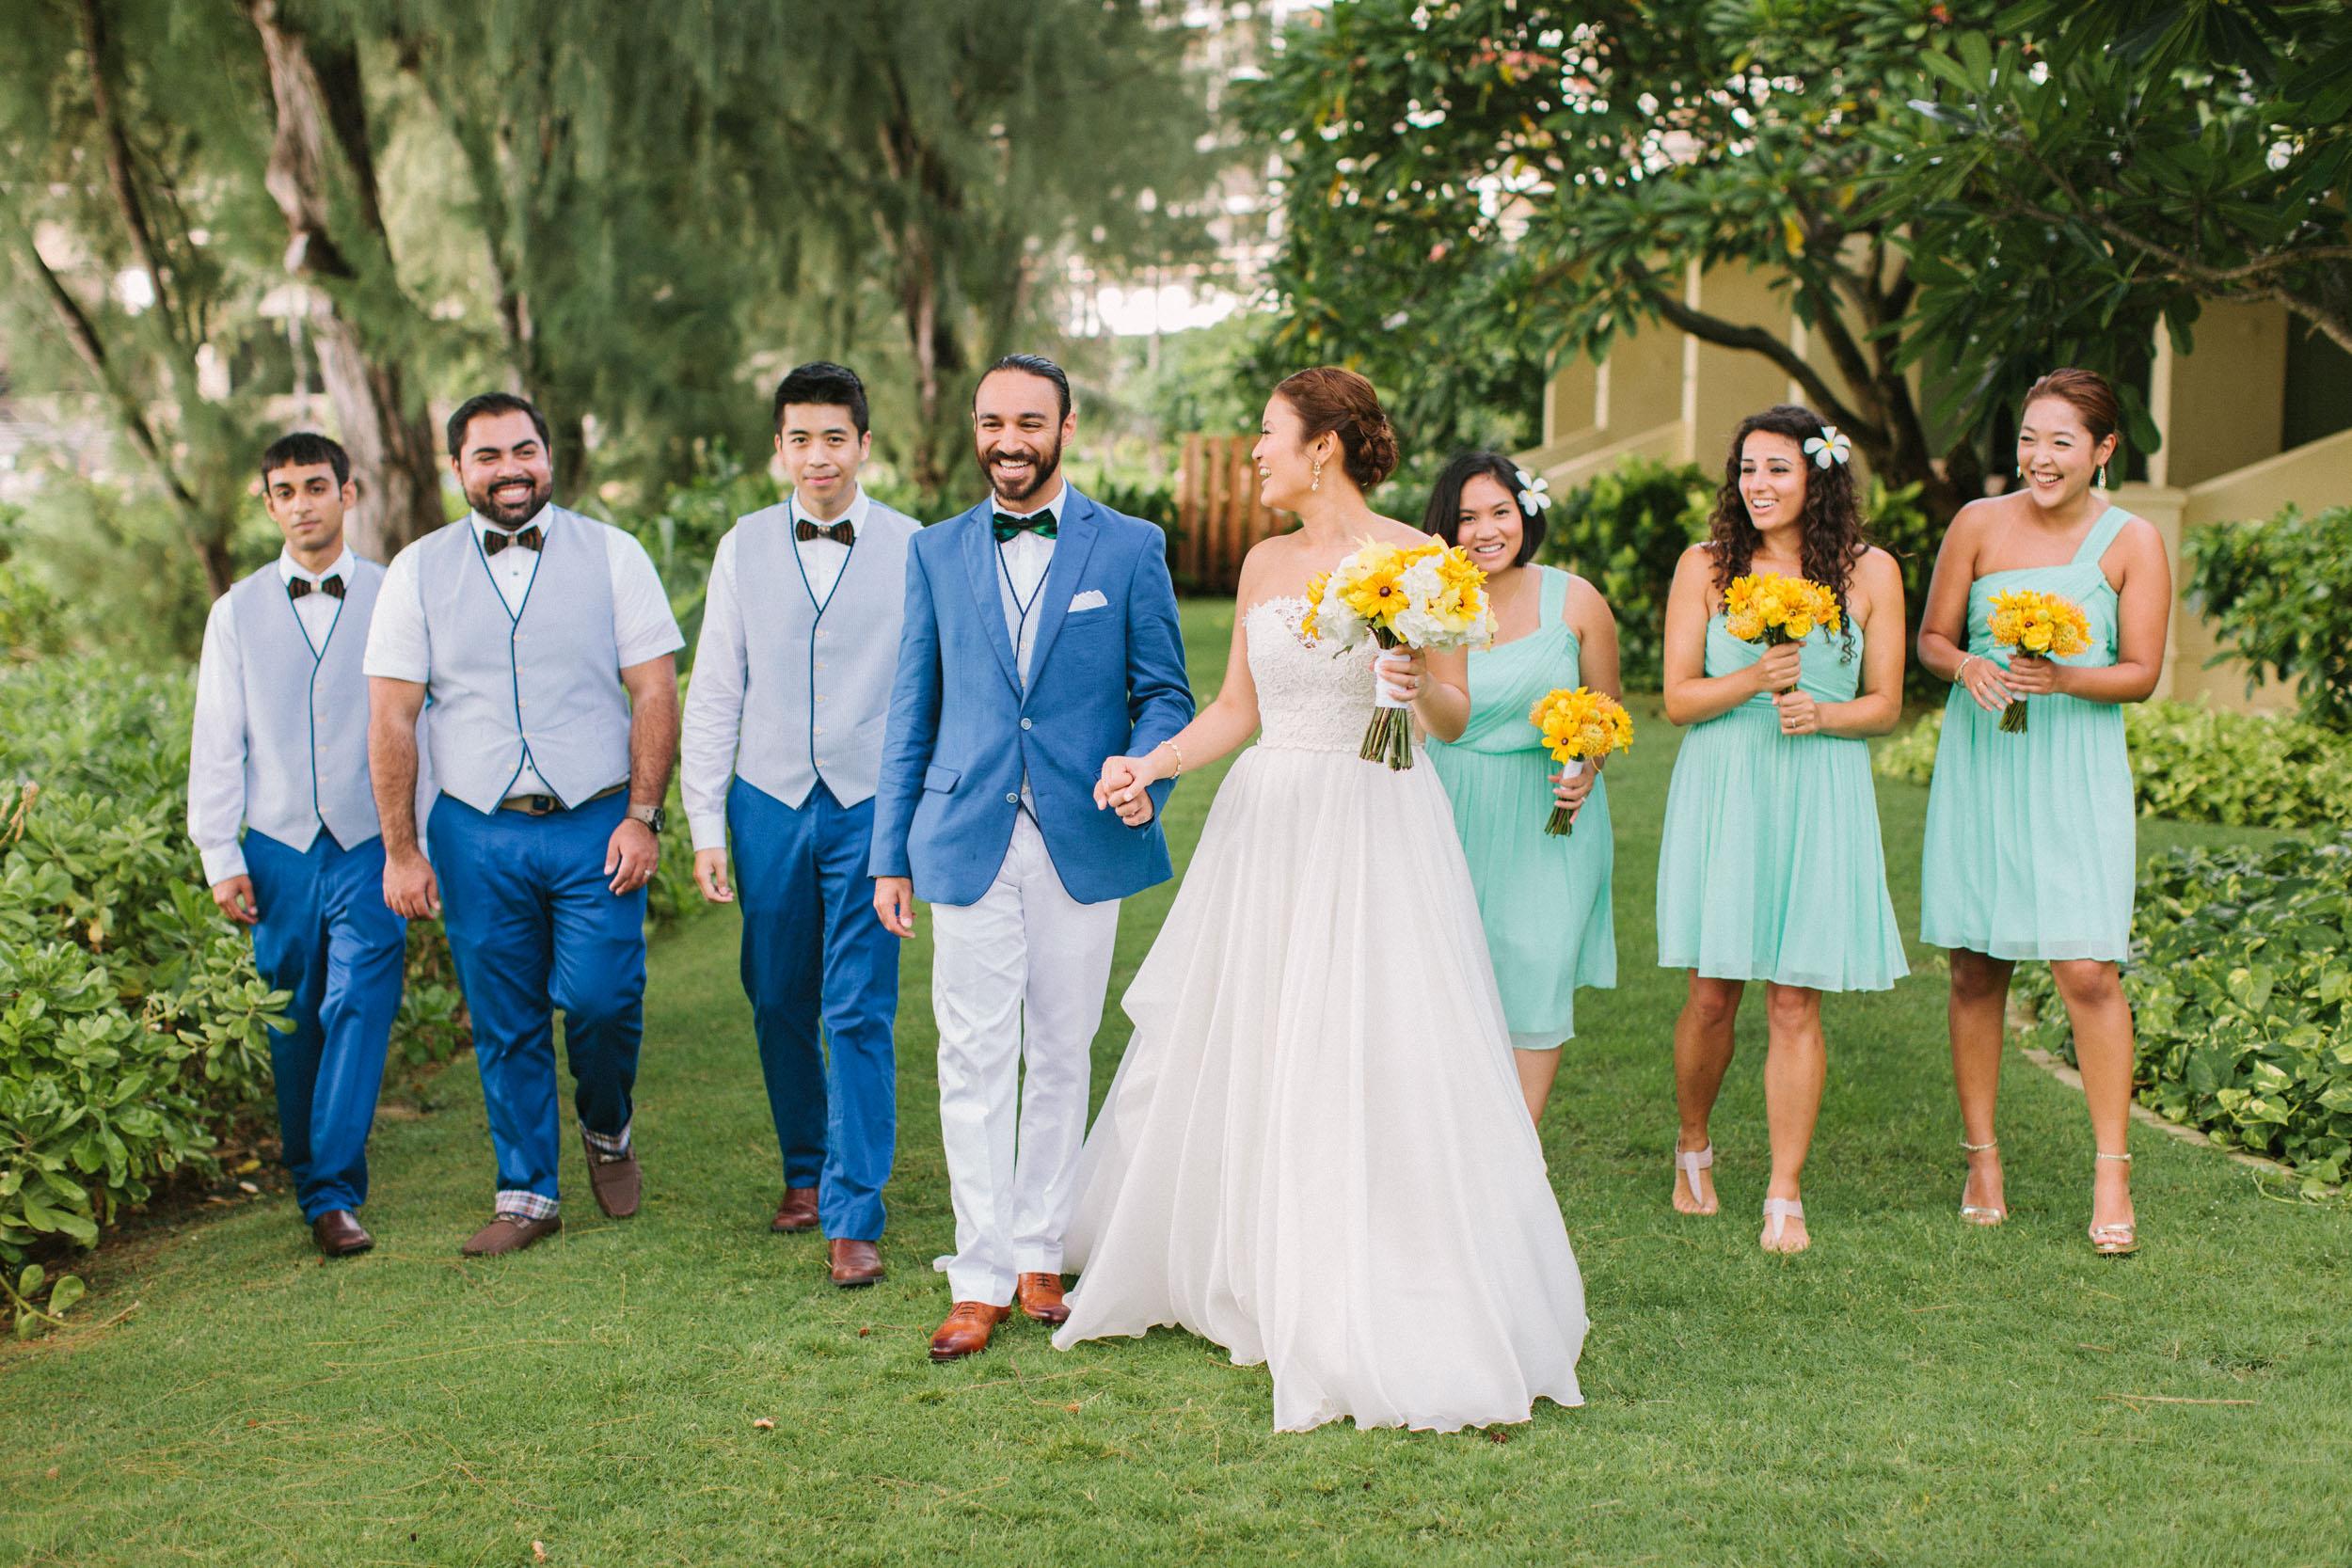 turtle-bay-wedding-oahu-012.jpg